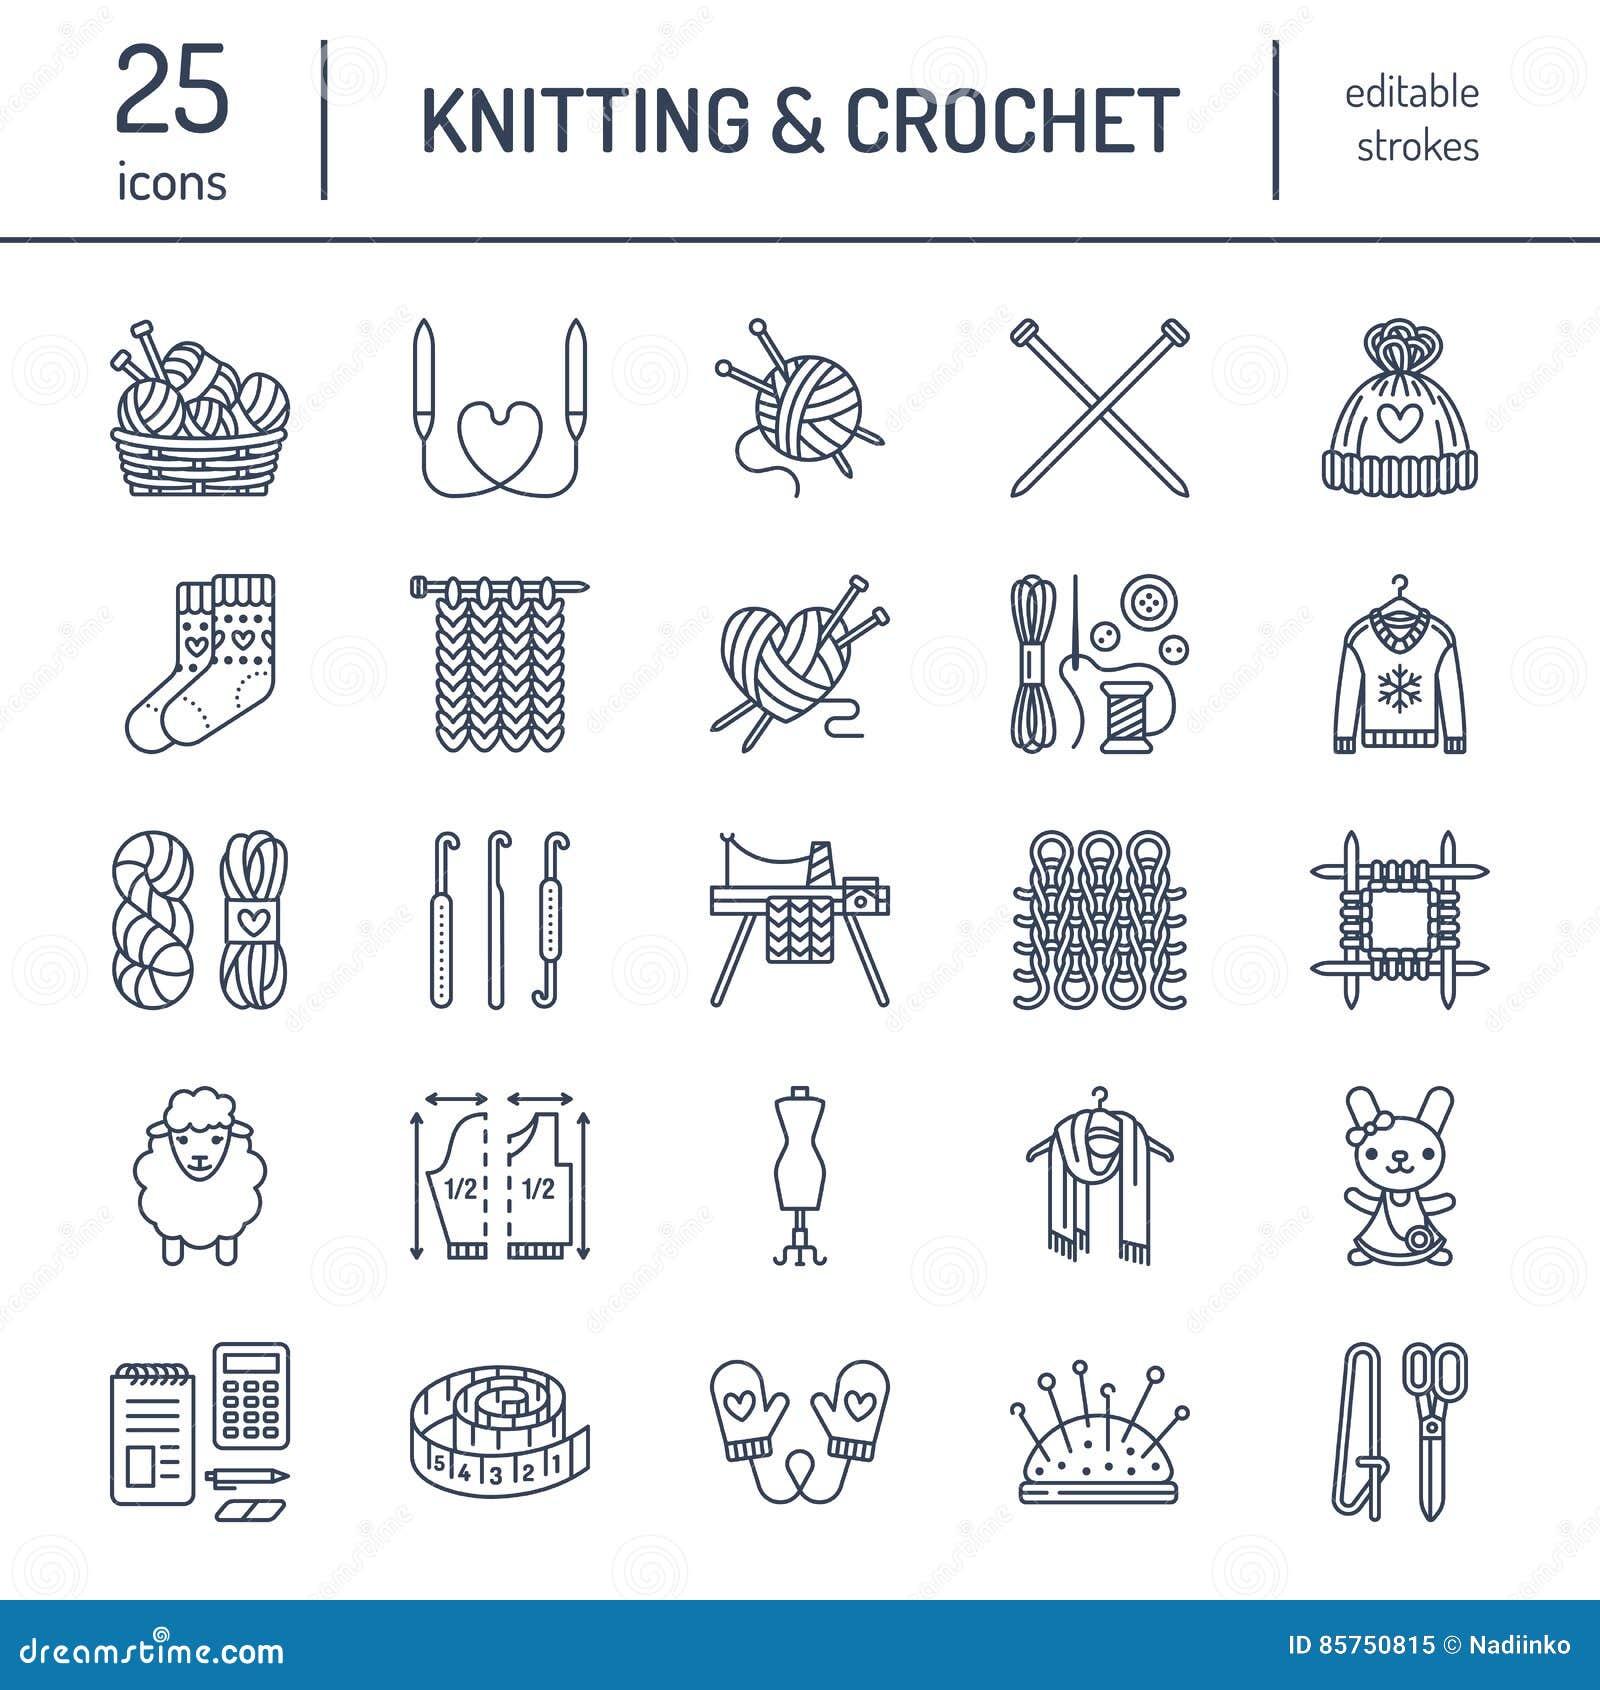 Πλέξιμο, τσιγγελάκι, χέρι - γίνοντα εικονίδια γραμμών καθορισμένα Πλέκοντας βελόνα, γάντζος, μαντίλι, κάλτσες, σχέδιο, νηματοδέμα